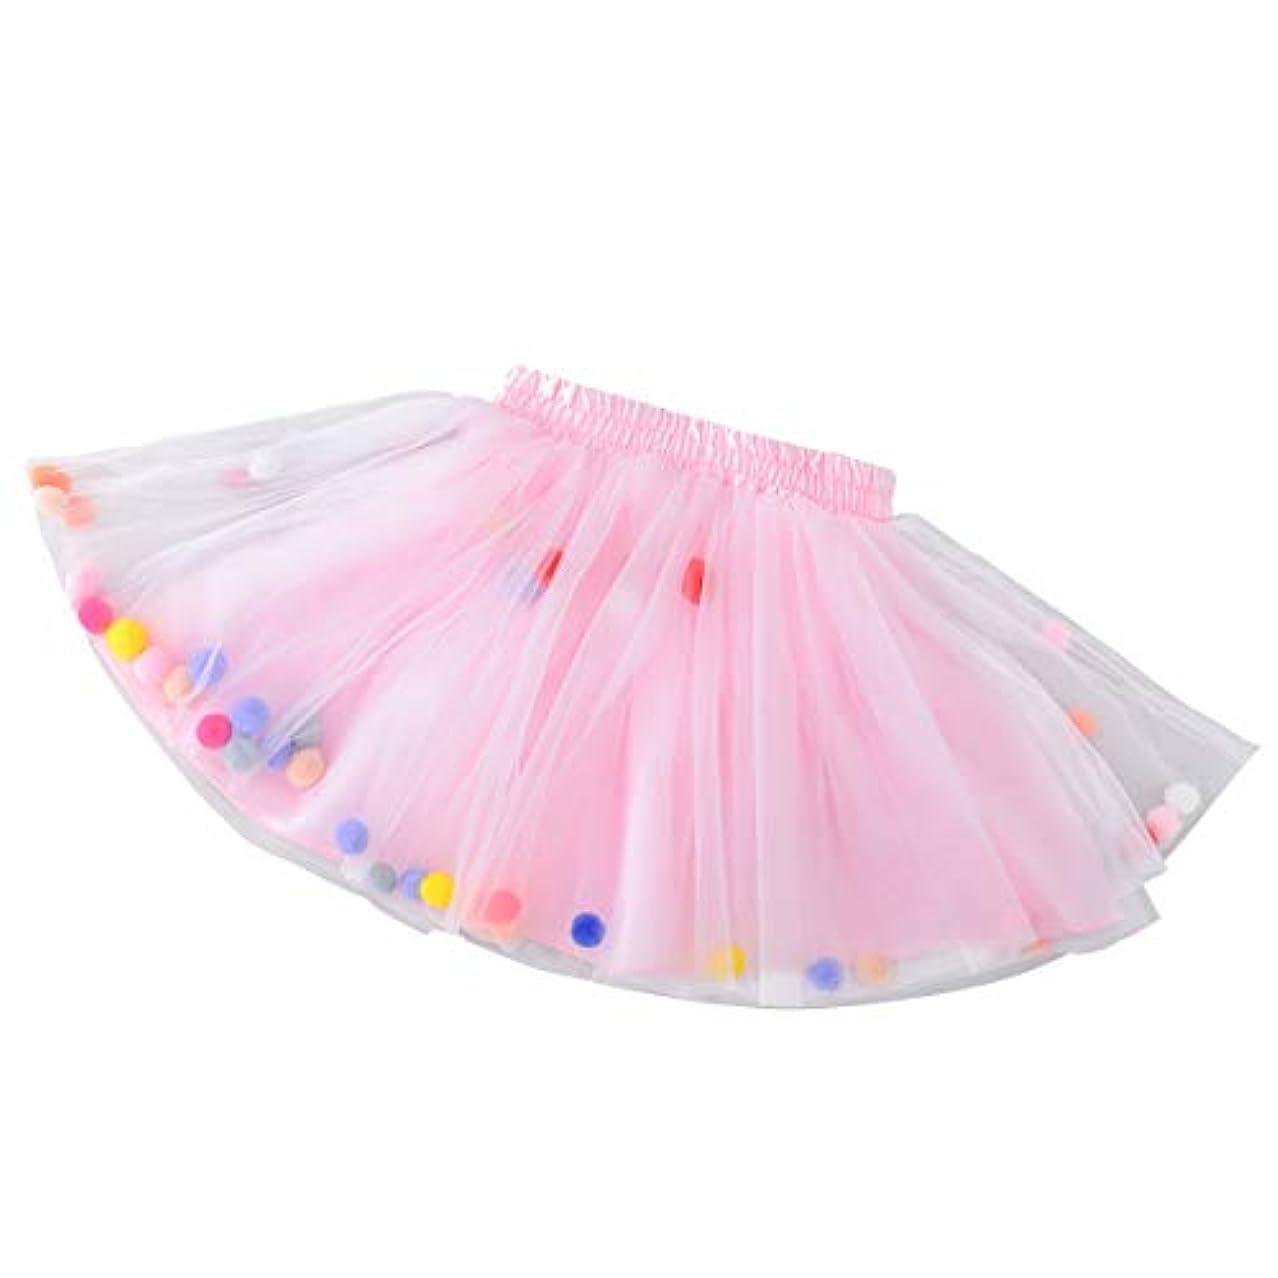 批判的に進捗見るYeahiBaby 子供チュチュスカートラブリーピンクミディスカートカラフルなファジィボールガーゼスカートプリンセスドレス衣装用女の子(サイズm)